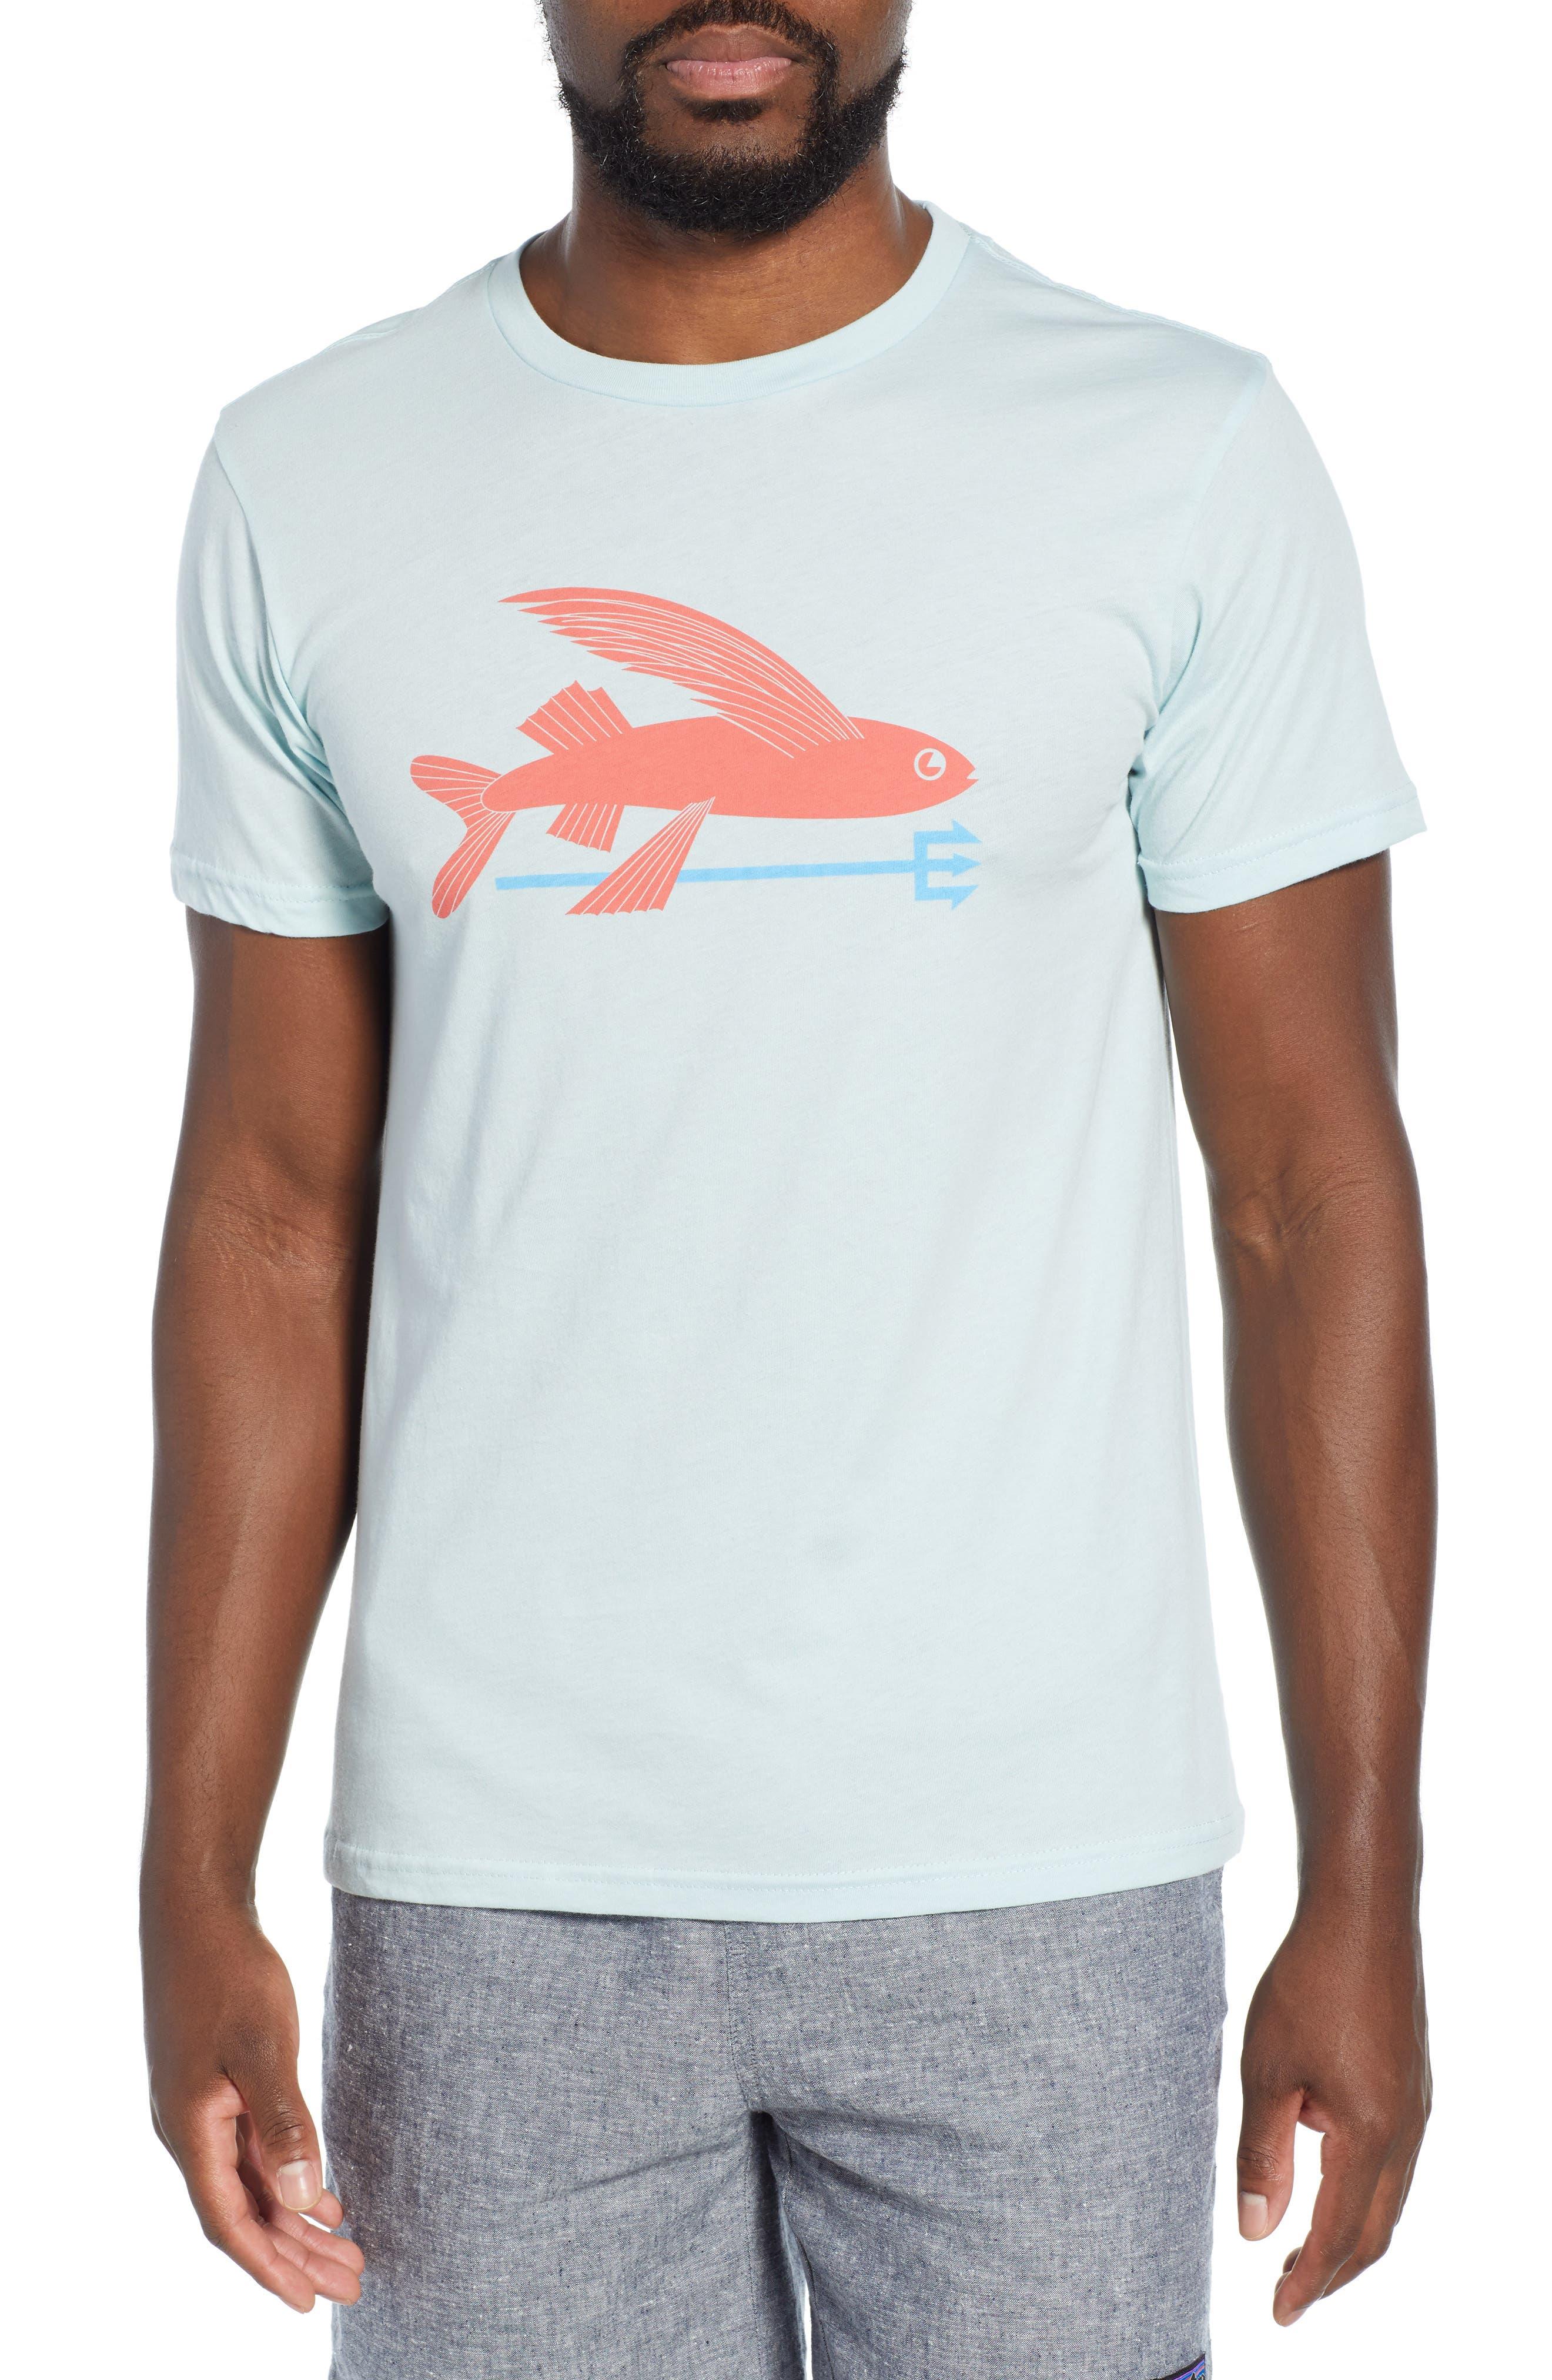 Patagonia Flying Fish Regular Fit Organic Cotton T-Shirt, Blue